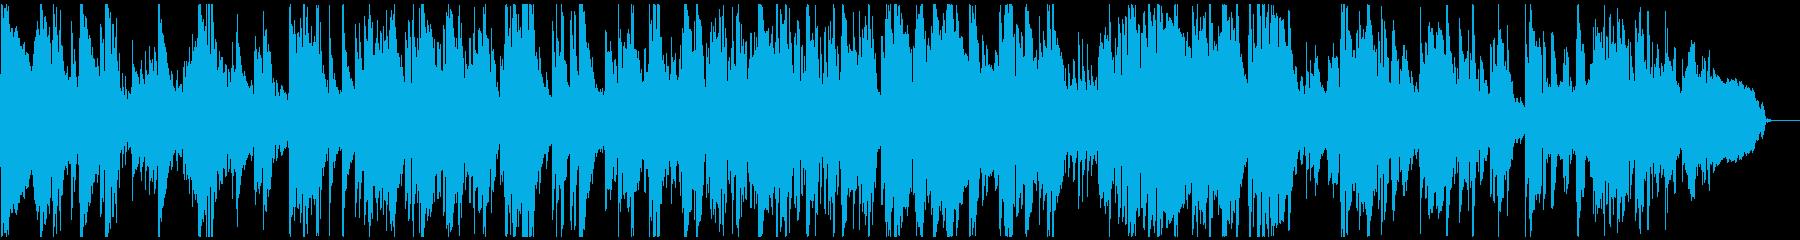 ムーディーなサックス生演奏ジャズバラードの再生済みの波形